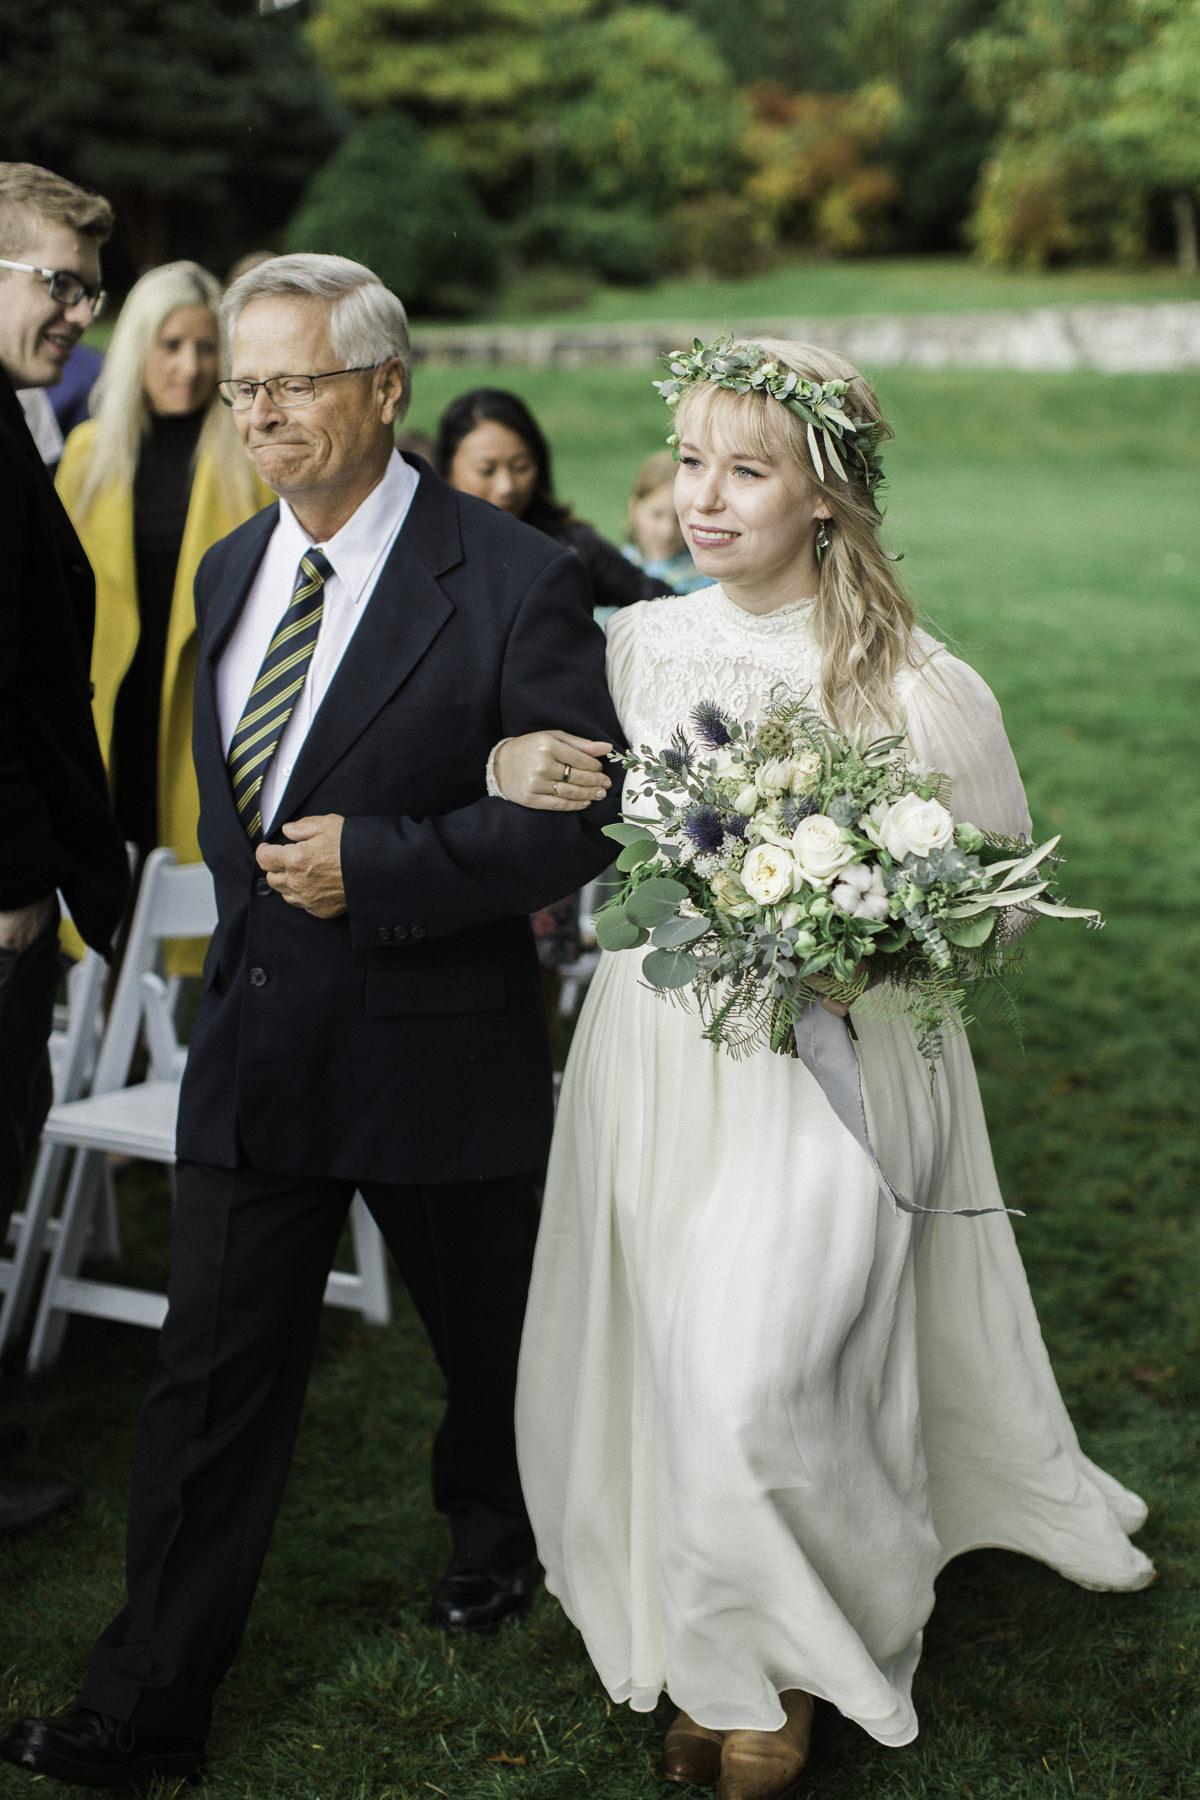 Matt-and-Chelsey-Nelson-wedding-8.jpg